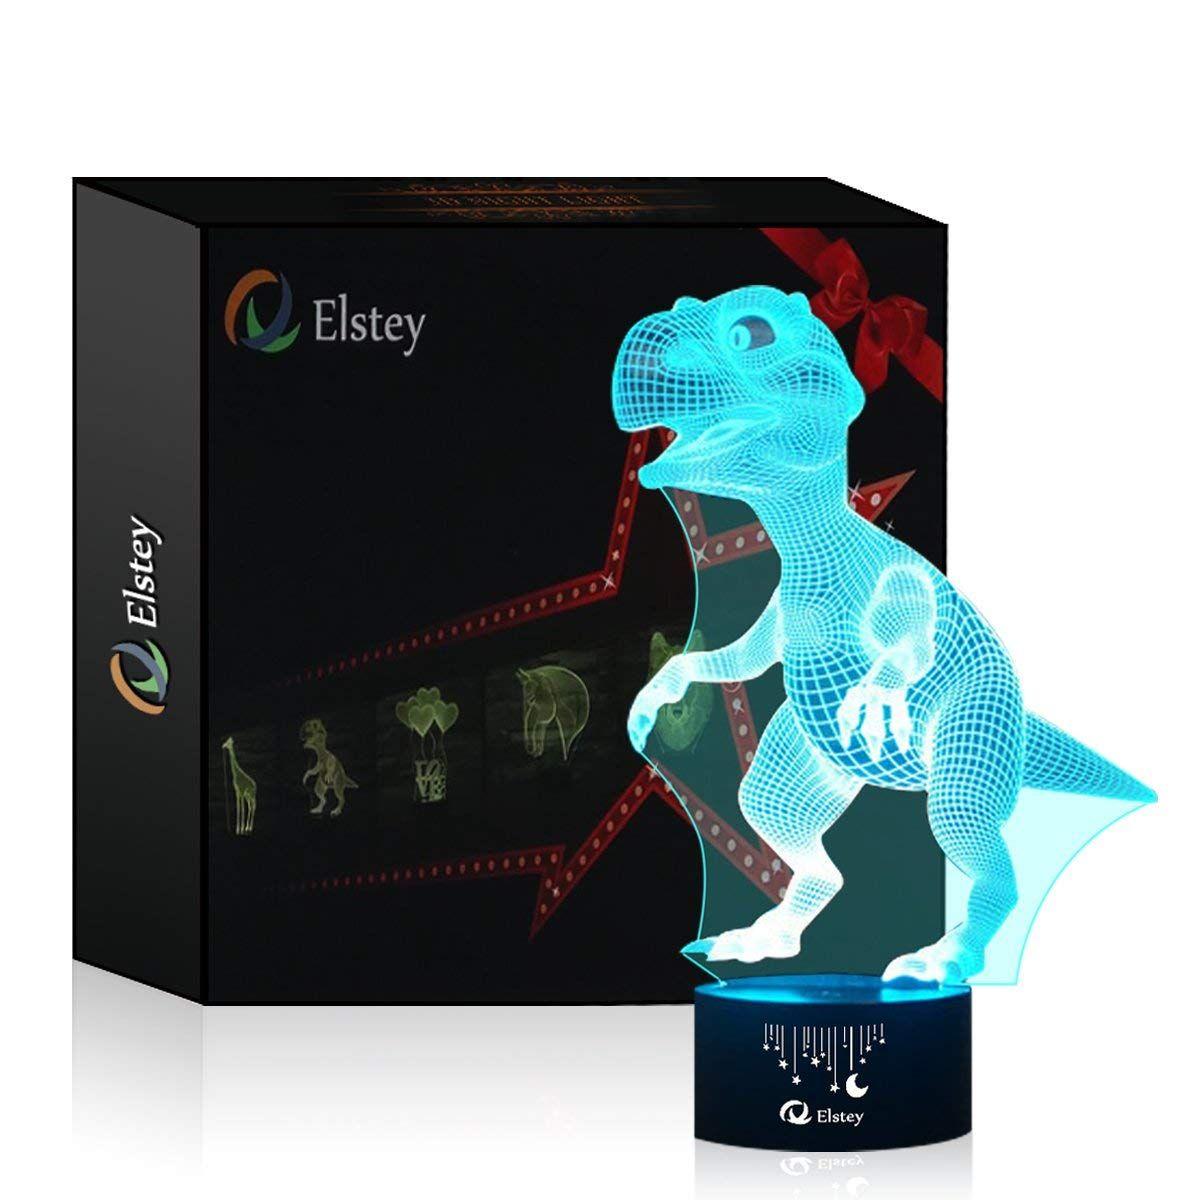 Der Spielzeugtester Hat Das 3d Visual Lampe Optische Illusion Led Nacht Licht Elsley Amazing 7 Farben Dinosaurier Form Touch Sensiti Led Dinosaurier Spielzeug